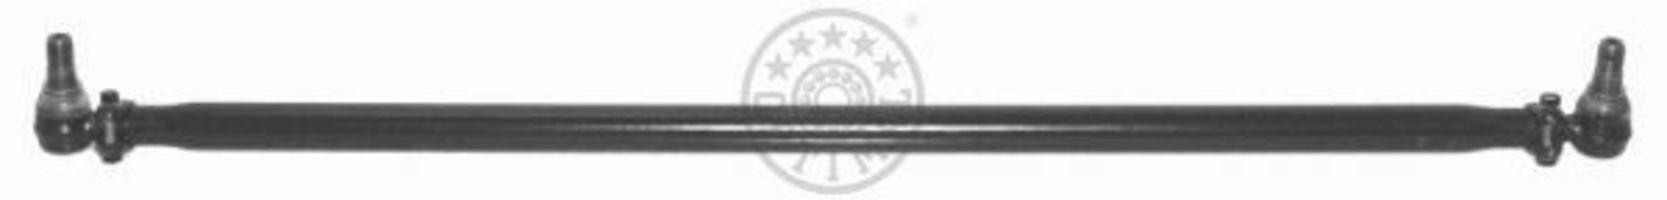 Поперечная рулевая тяга OPTIMAL GL10204